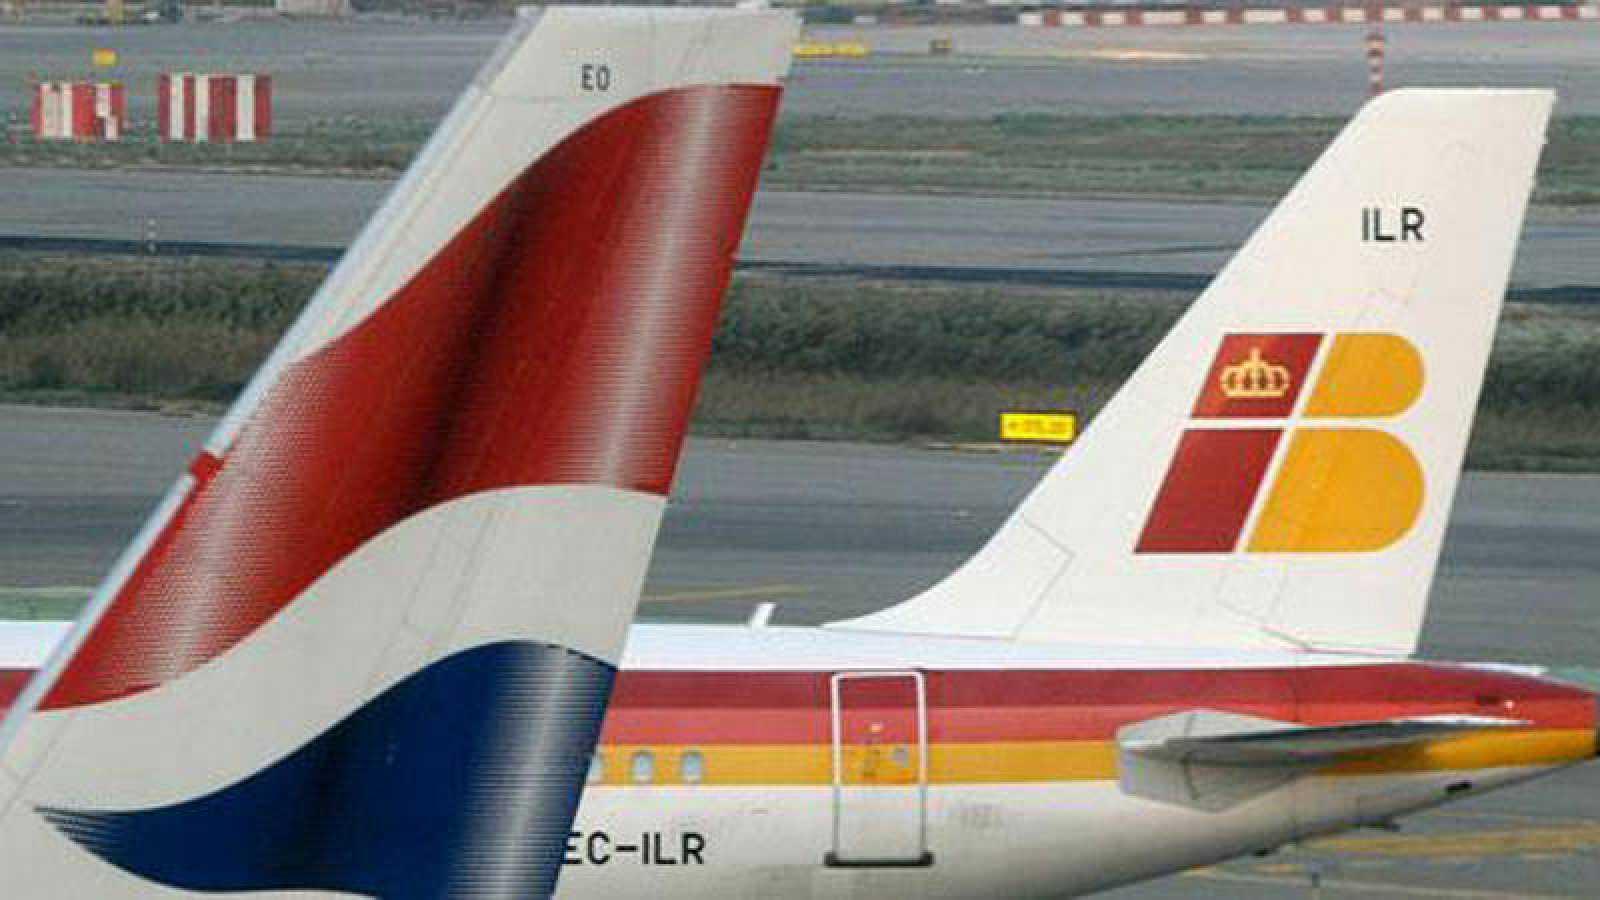 Colas de dos aviones de British Airways e Iberia, aerolíneas integradas en IAG